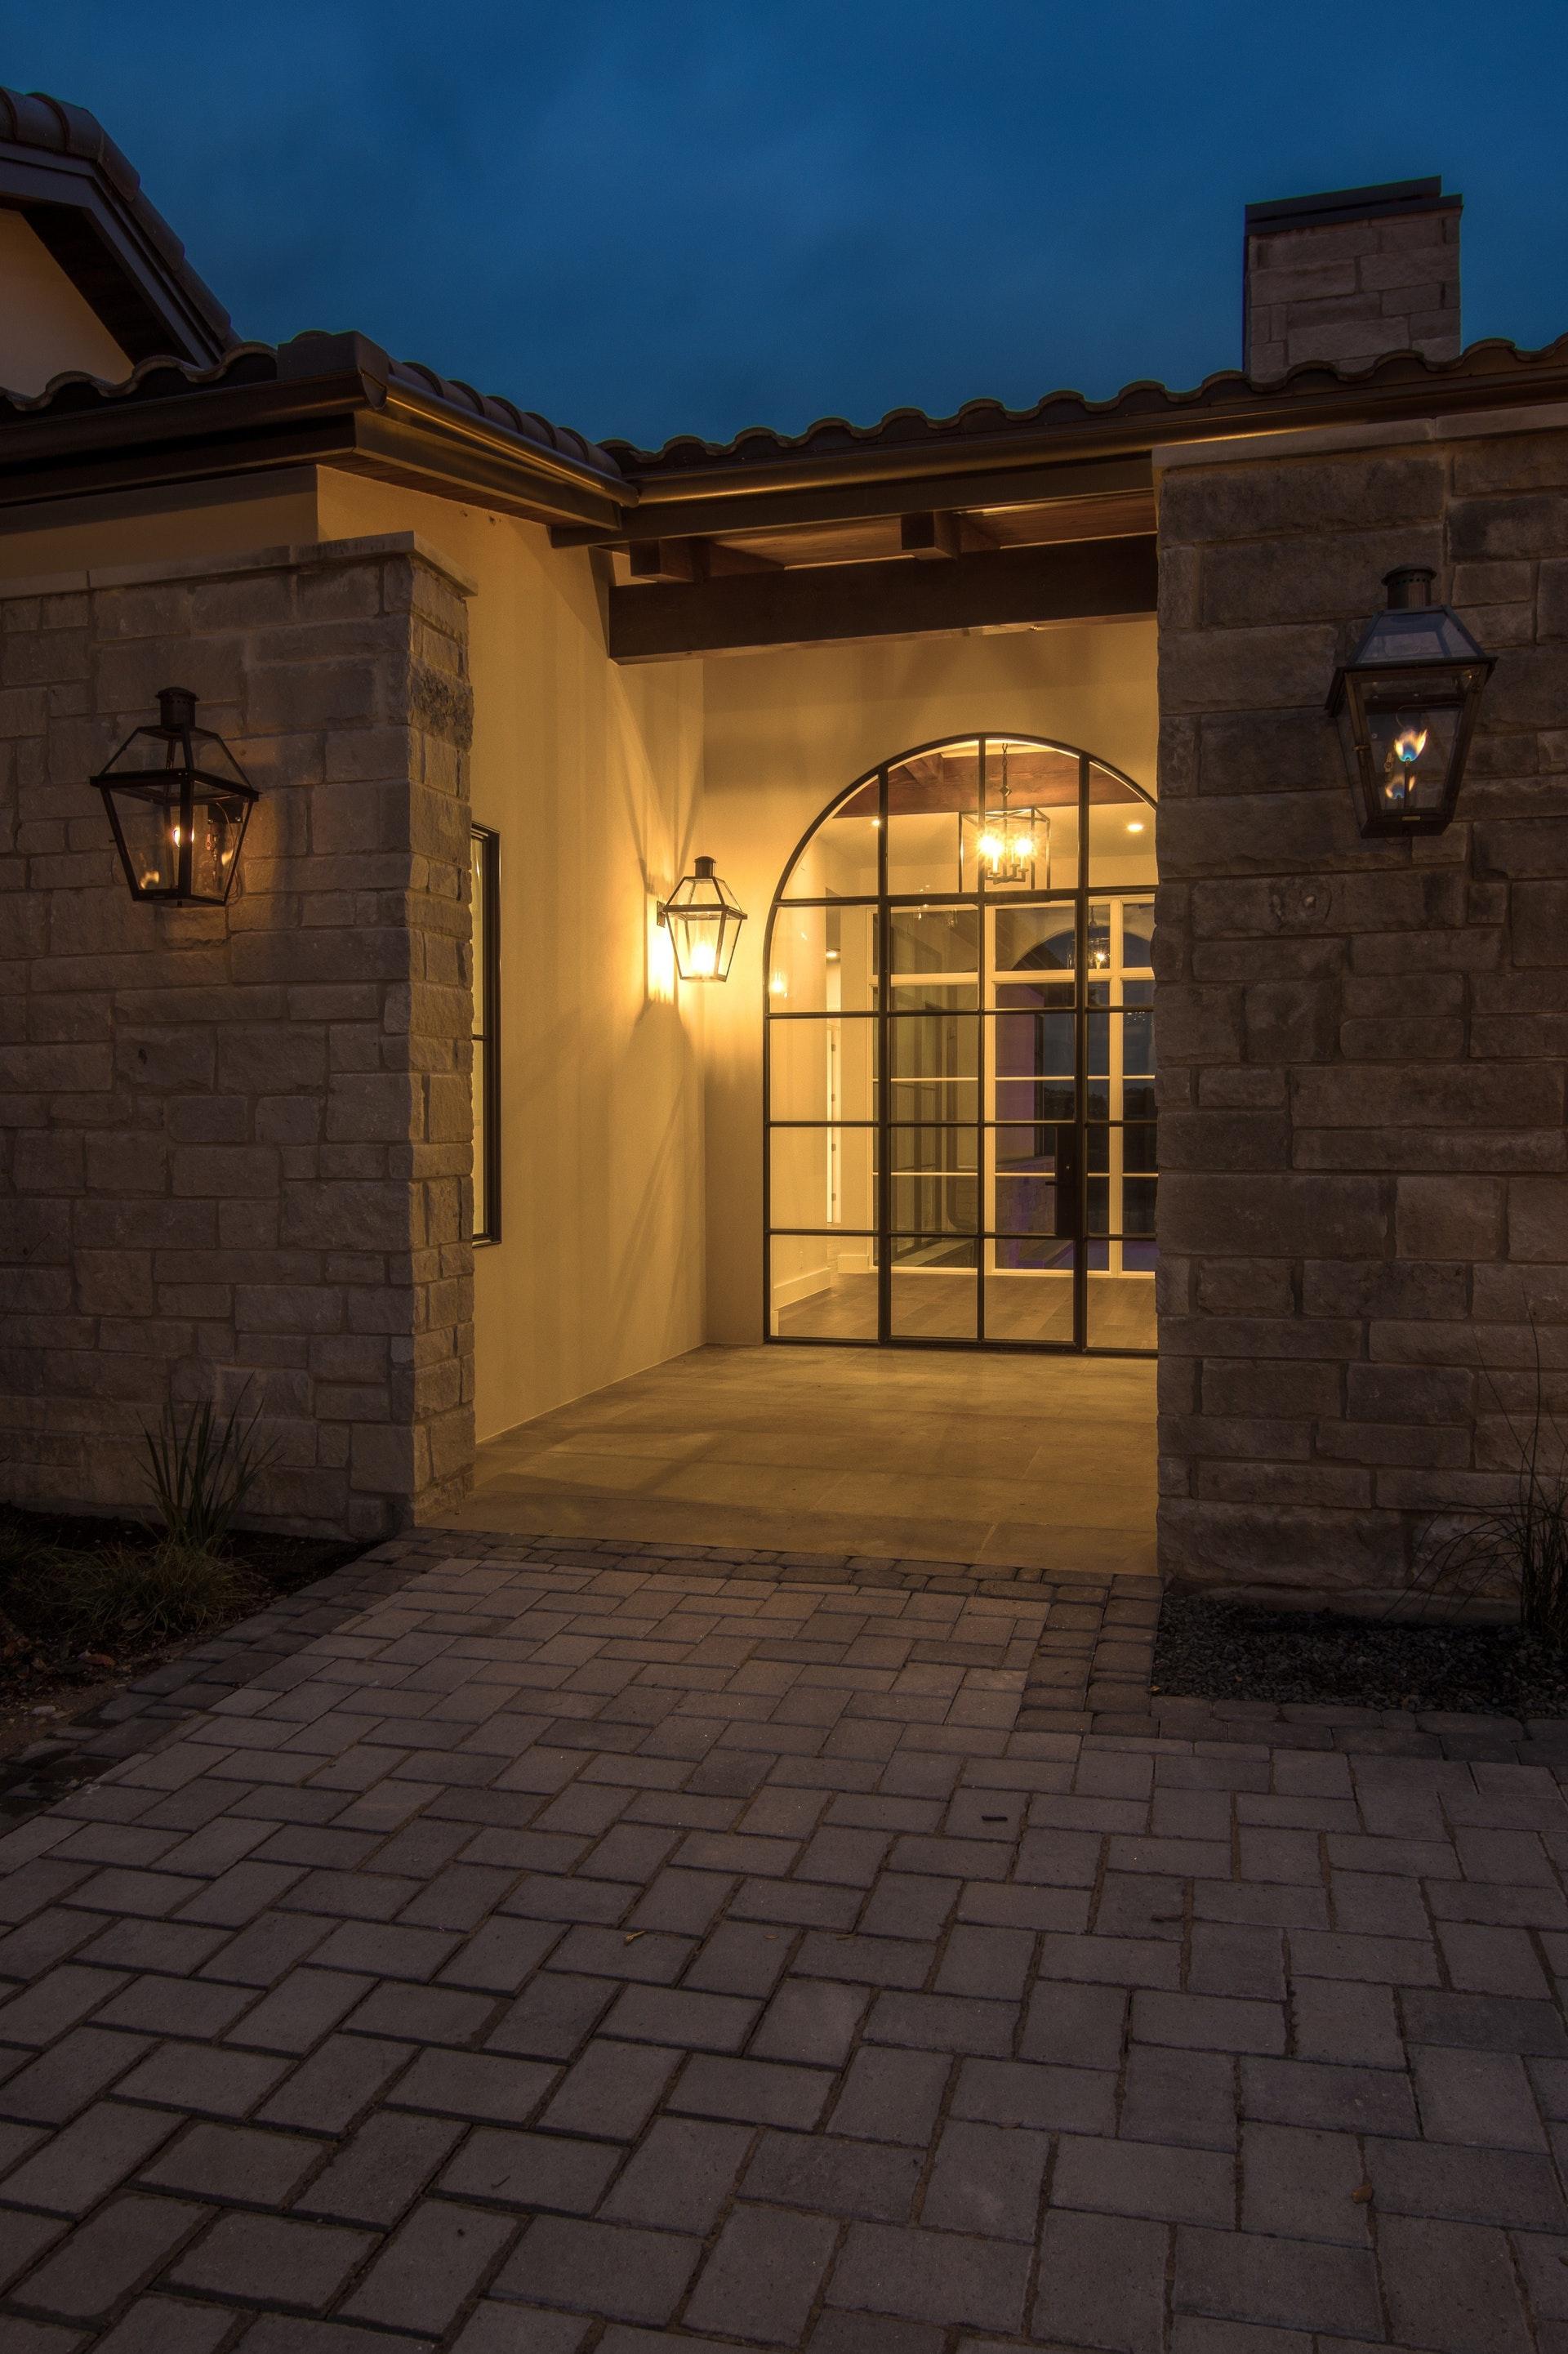 009-296944-5608 Spanish Oaks 073_7213940.jpg